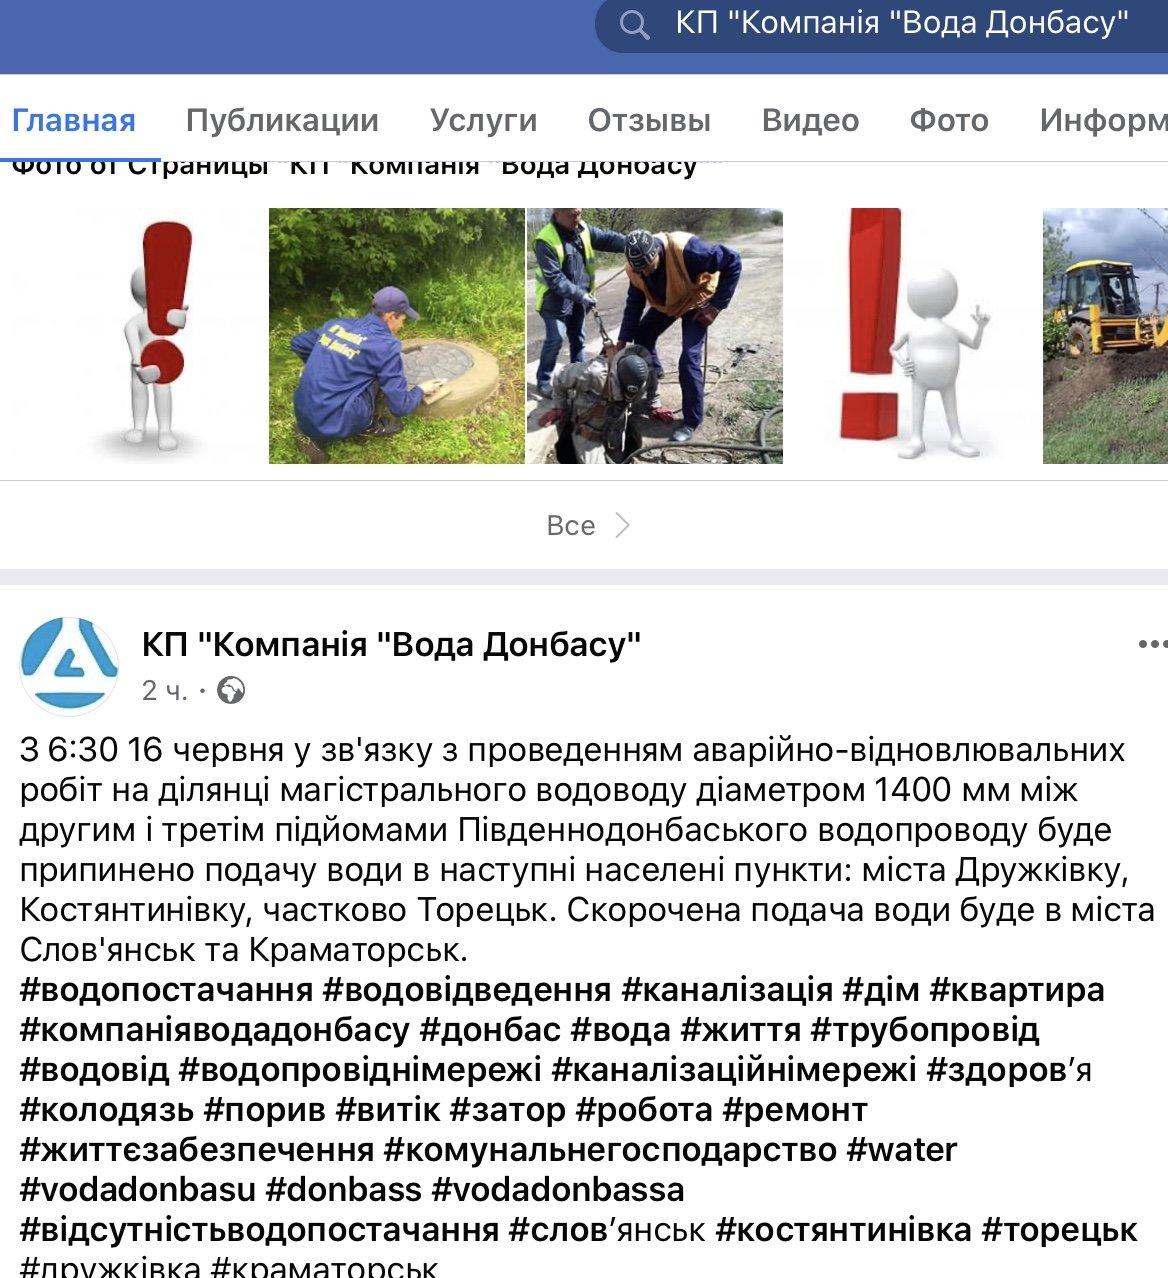 Дружковчан предупреждают о прекращении подачи воды в связи с ремонтом, фото-1